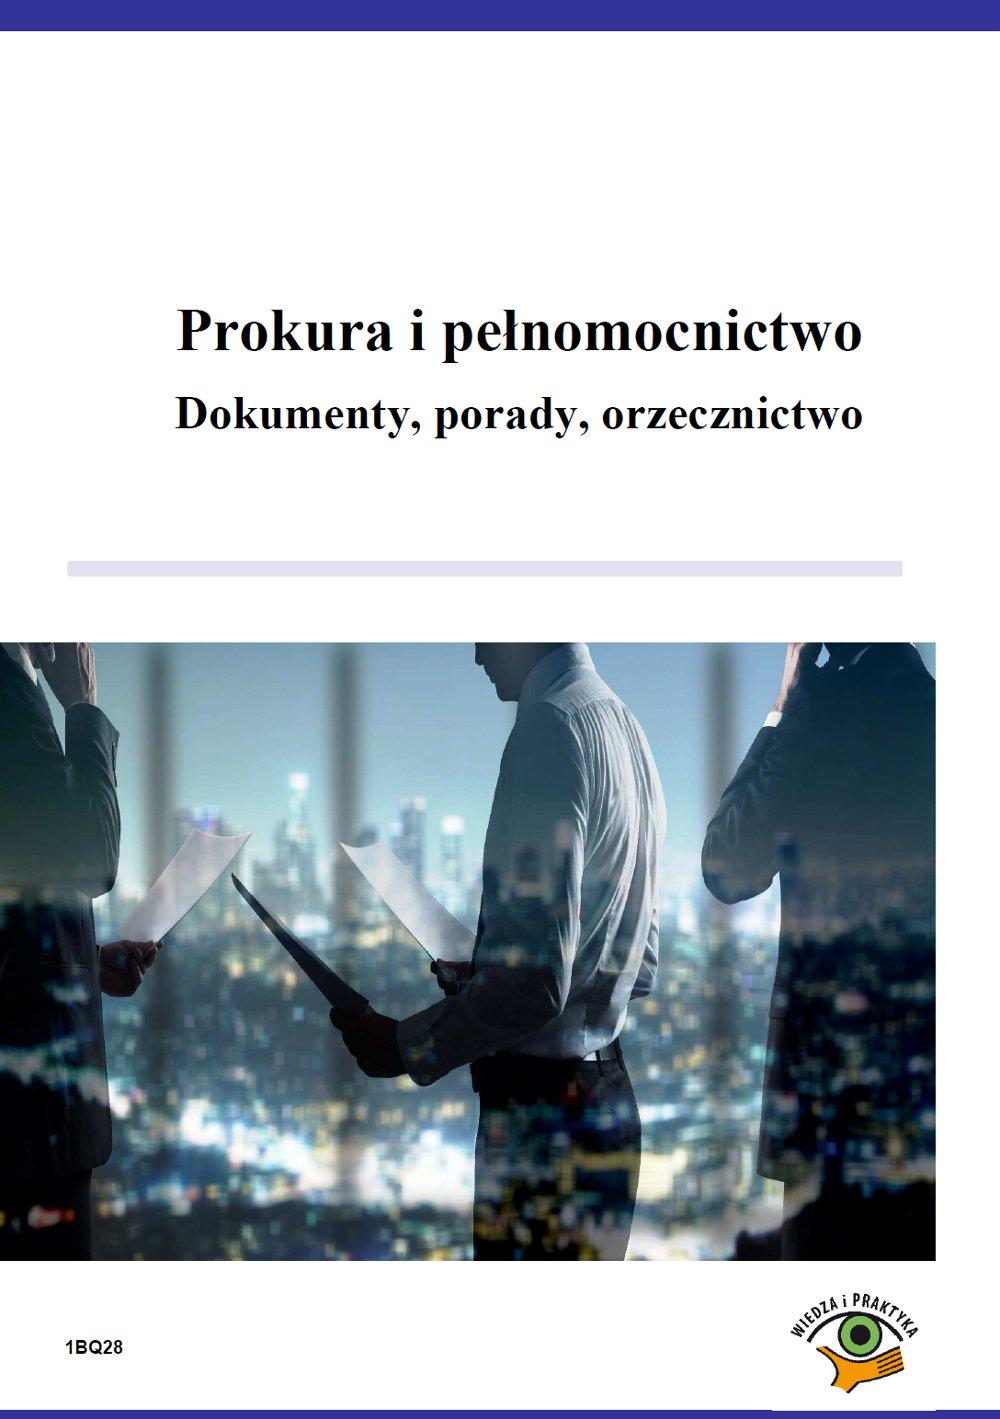 Prokura i pełnomocnictwo. Dokumenty, porady, orzecznictwo - Ebook (Książka PDF) do pobrania w formacie PDF